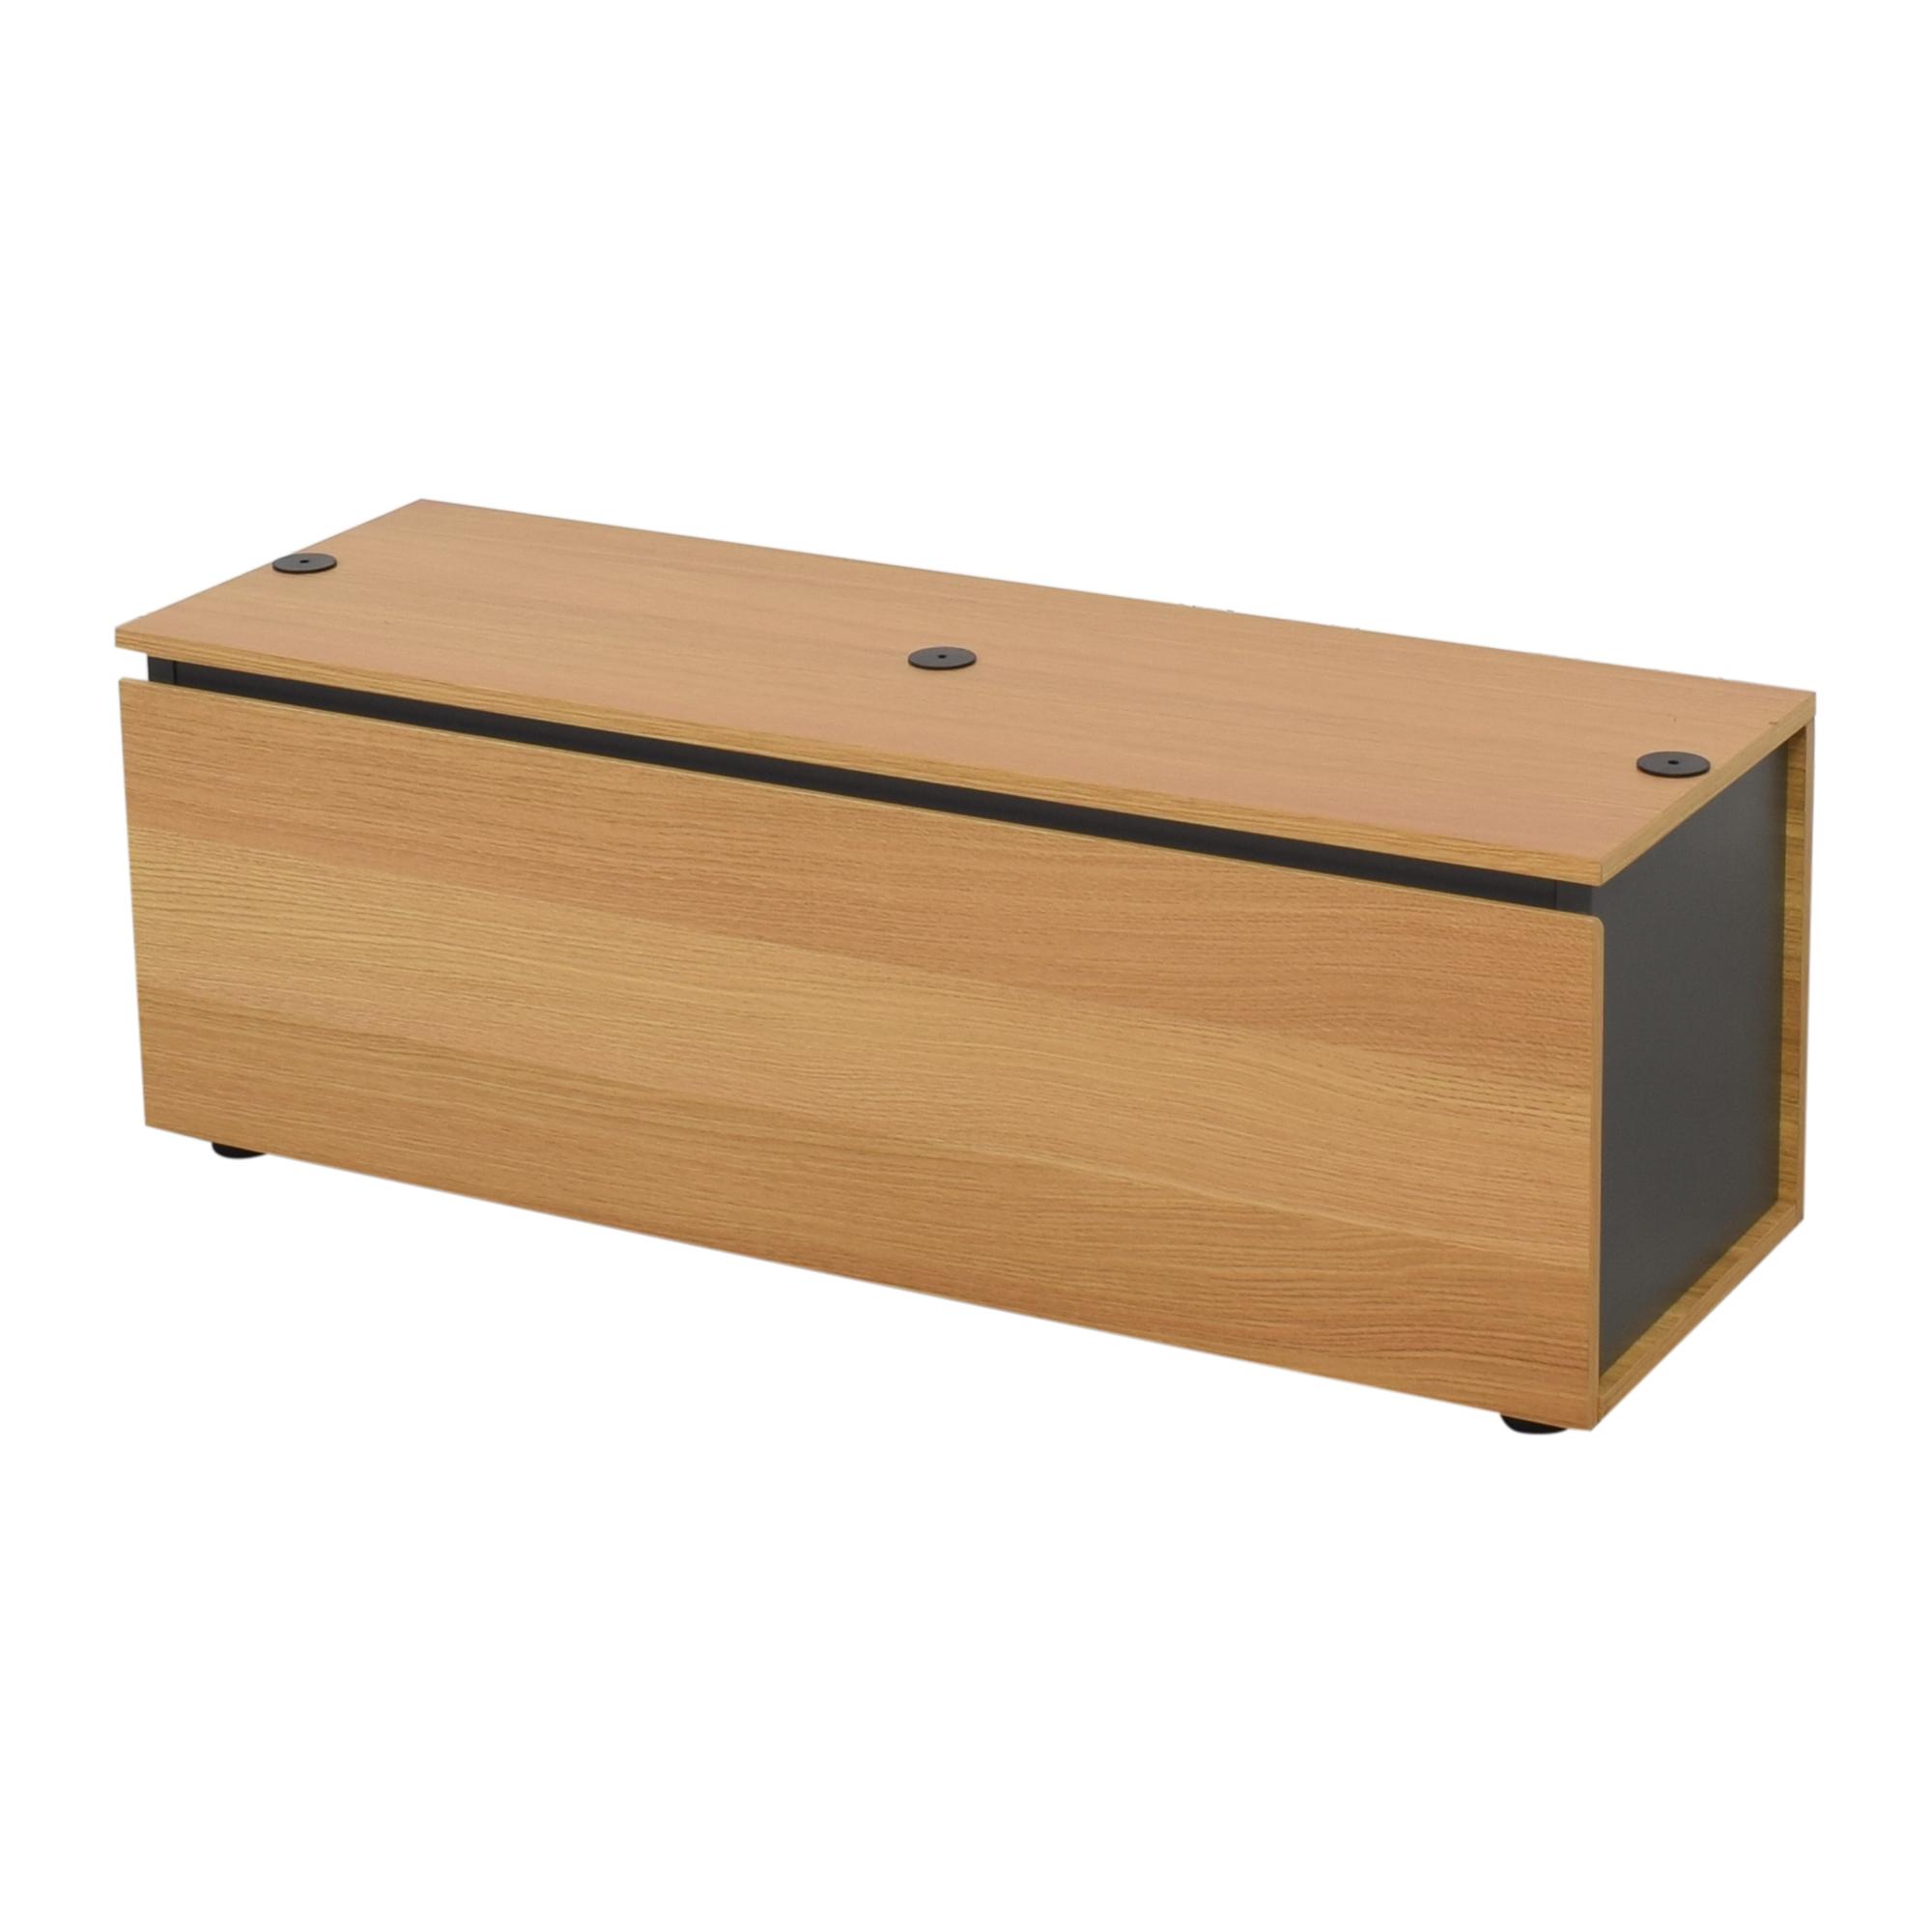 Koleksiyon Koleksiyon Storage Cabinet Brown